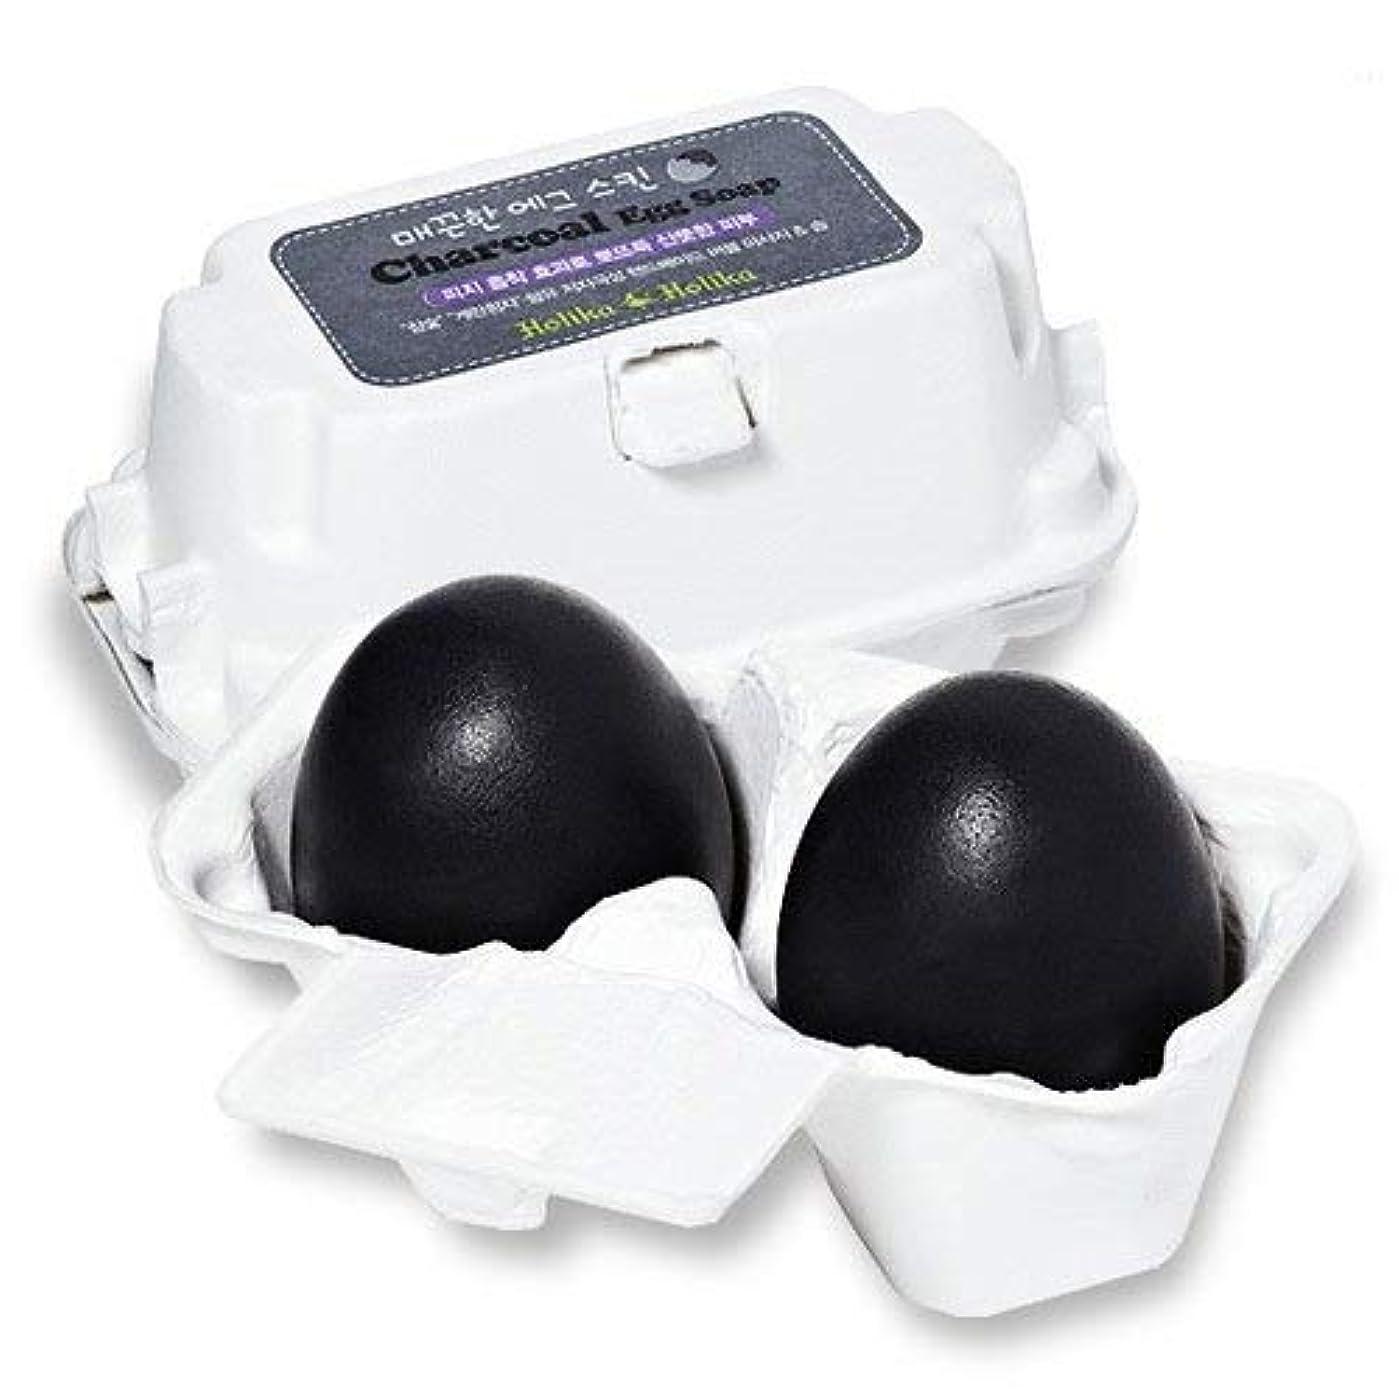 足音効能ある究極の[堅炭/Charcoal] Holika Holika Egg Skin Egg Soap ホリカホリカ エッグスキン エッグソープ (50g*2個) [並行輸入品]